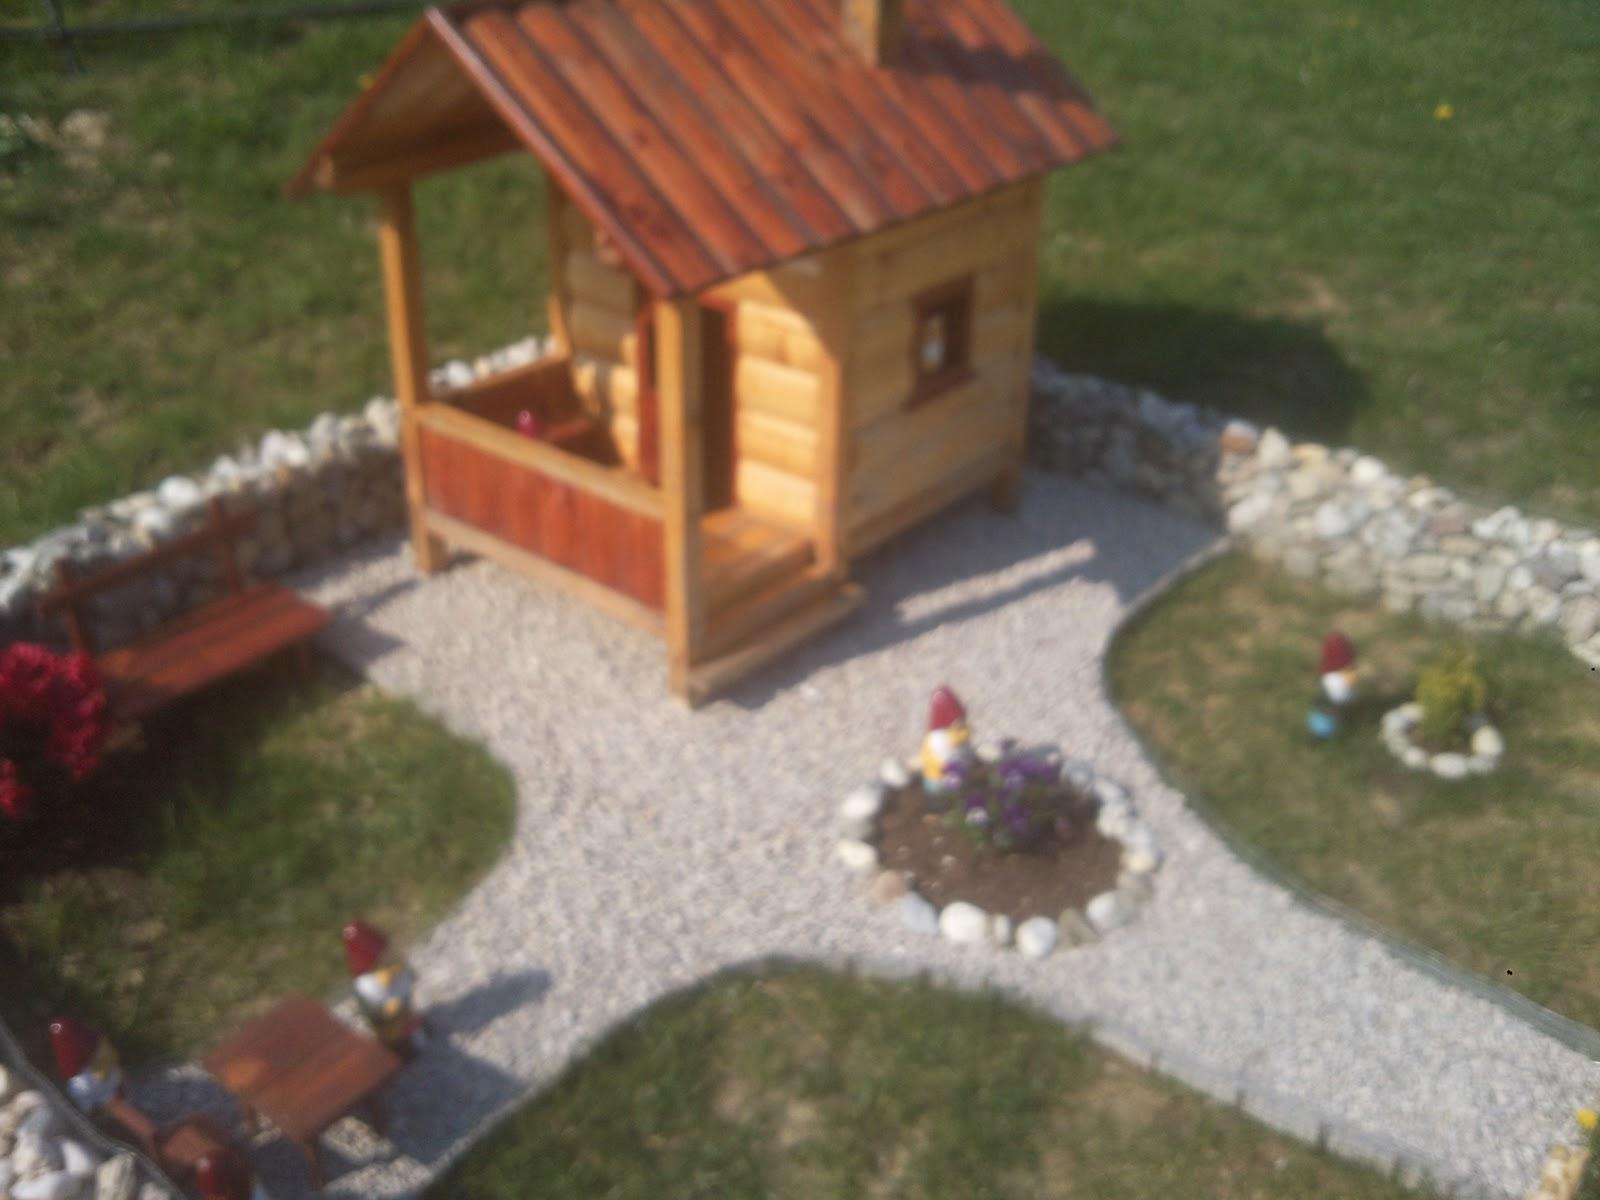 Uređenje i održavanje vrtova i dvorišta: Uređenje i održavanje vrtova i dvori...